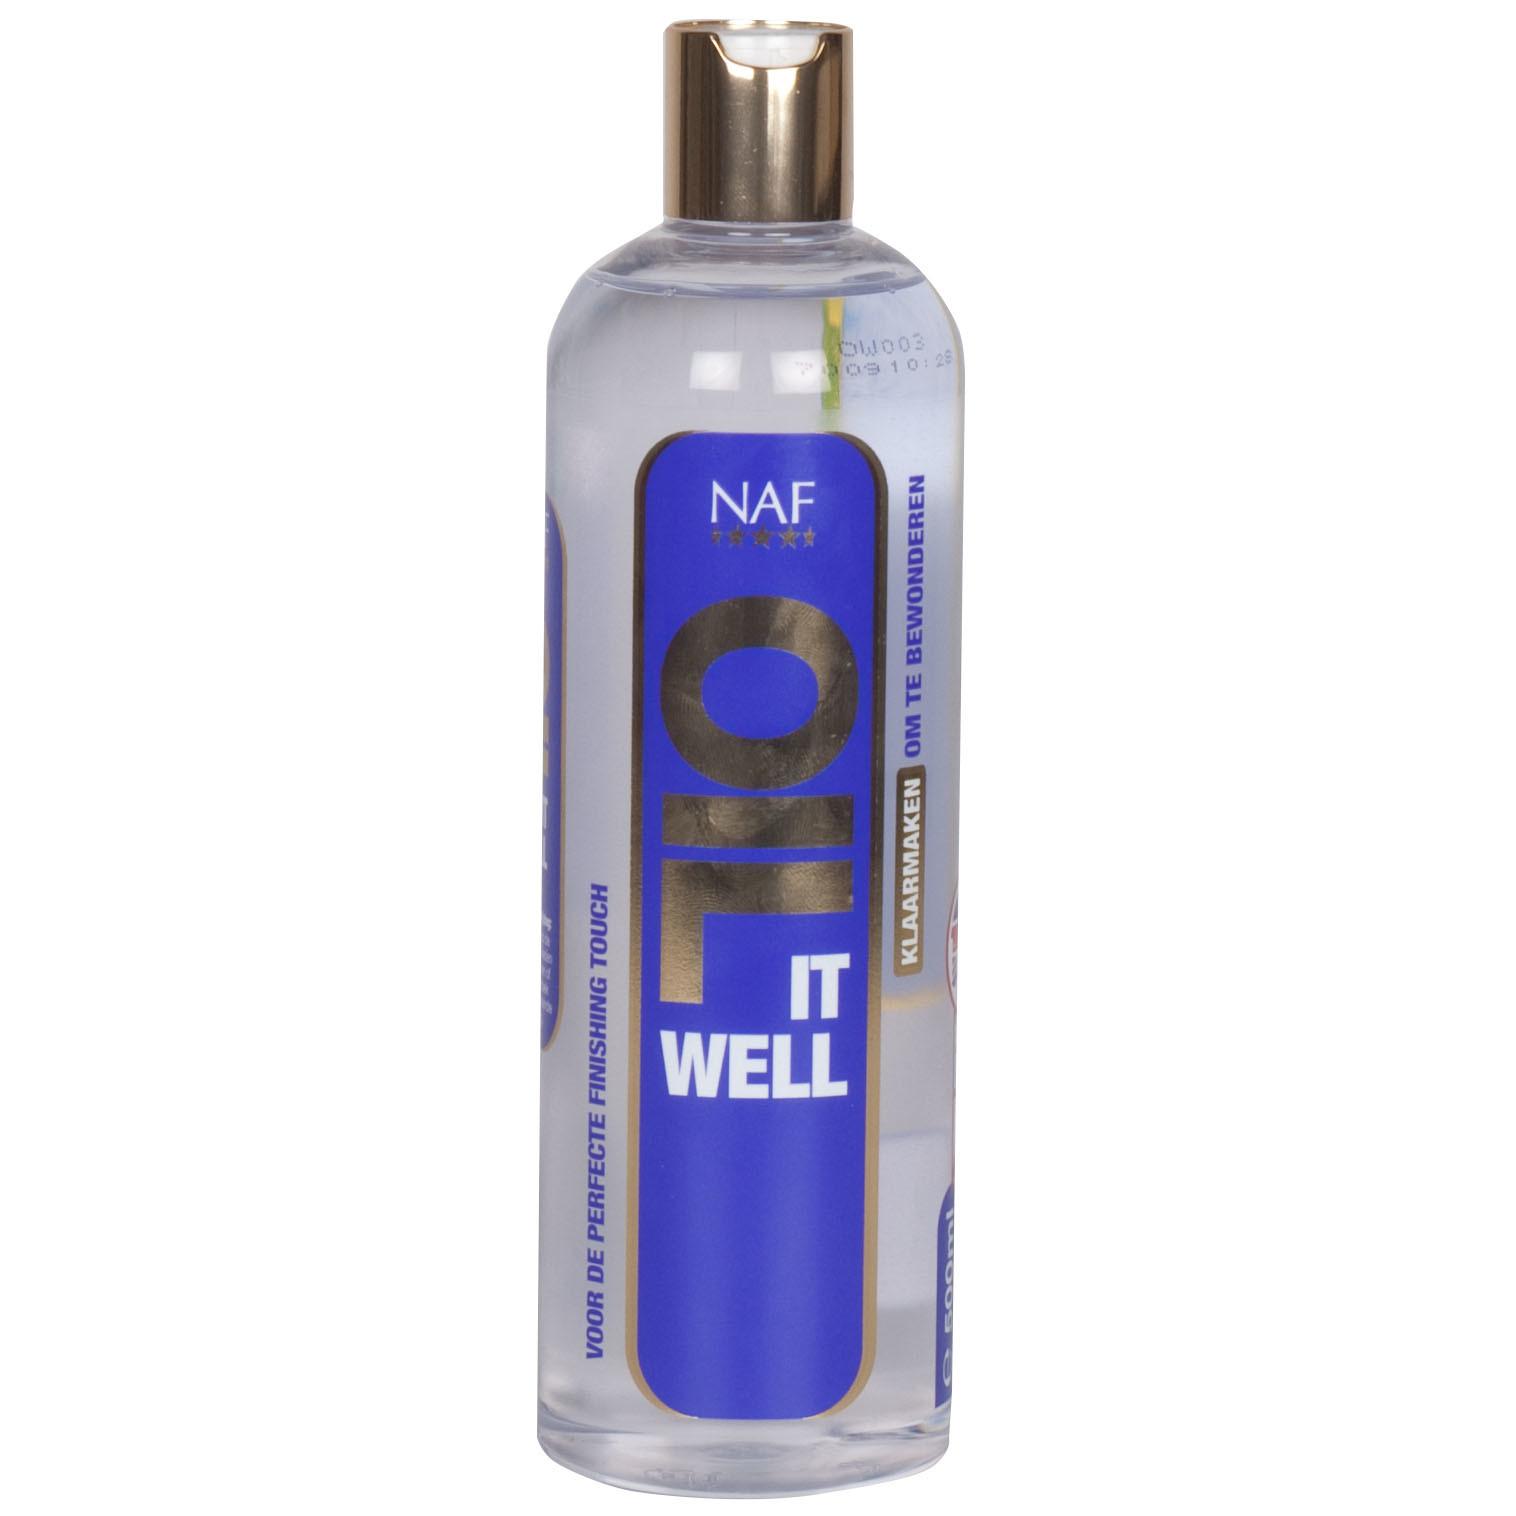 NAF Oil it well